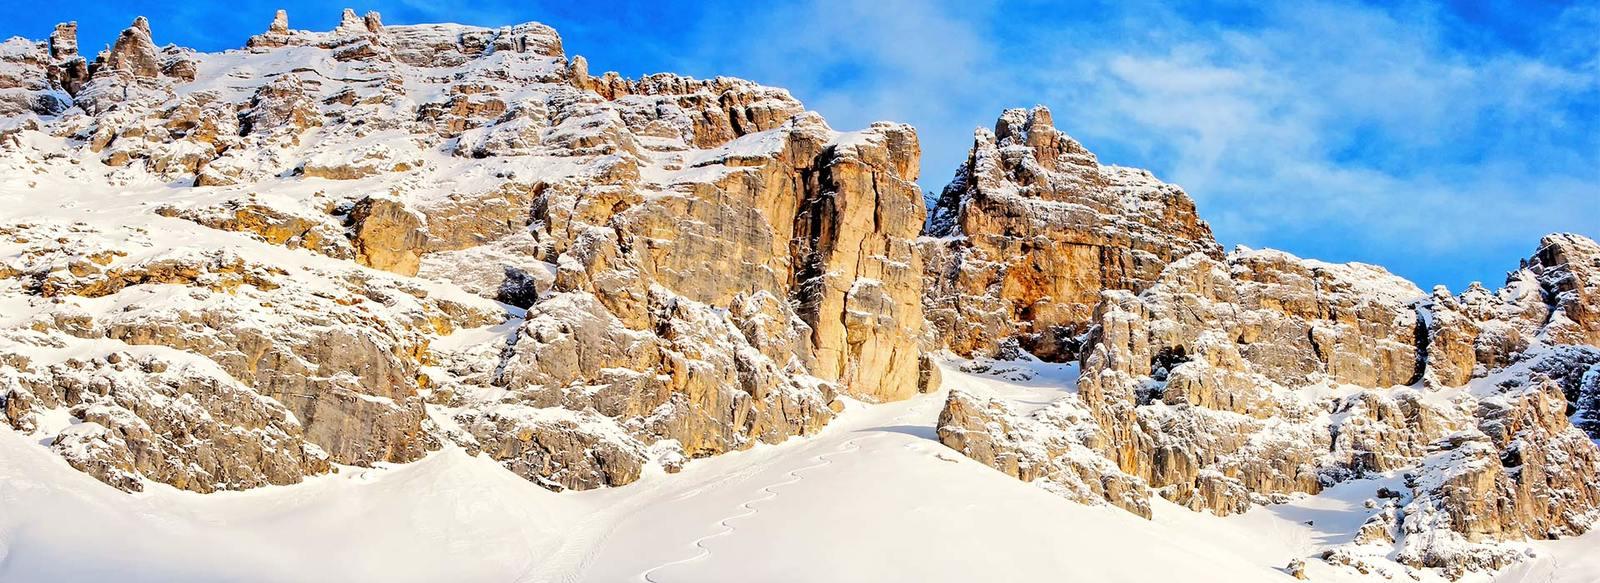 Per famiglie, nel paradiso escursionistico delle Dolomiti